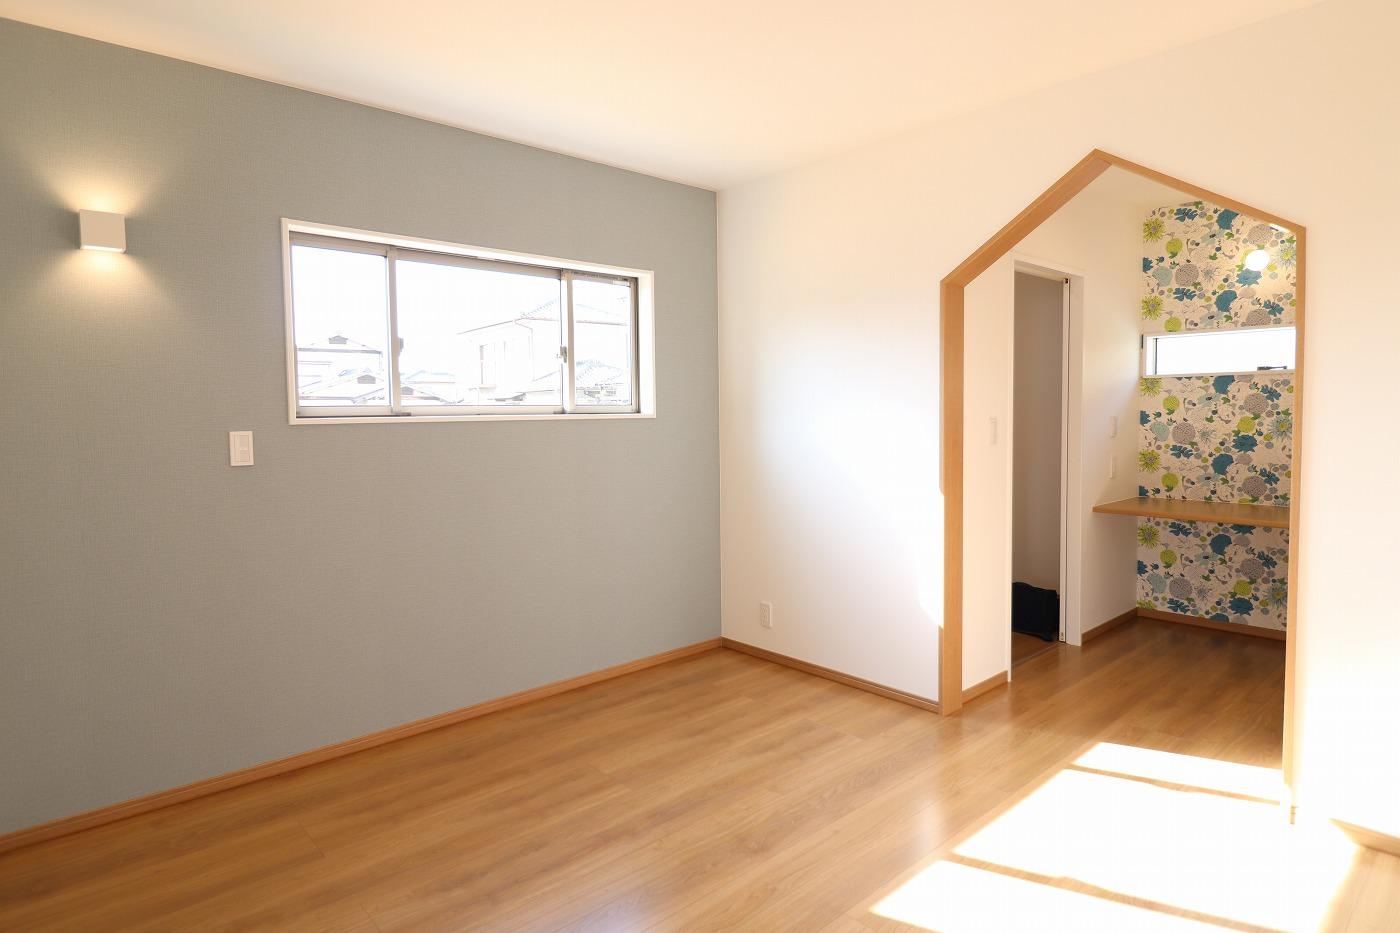 高松市下田井町の新築分譲住宅の寝室